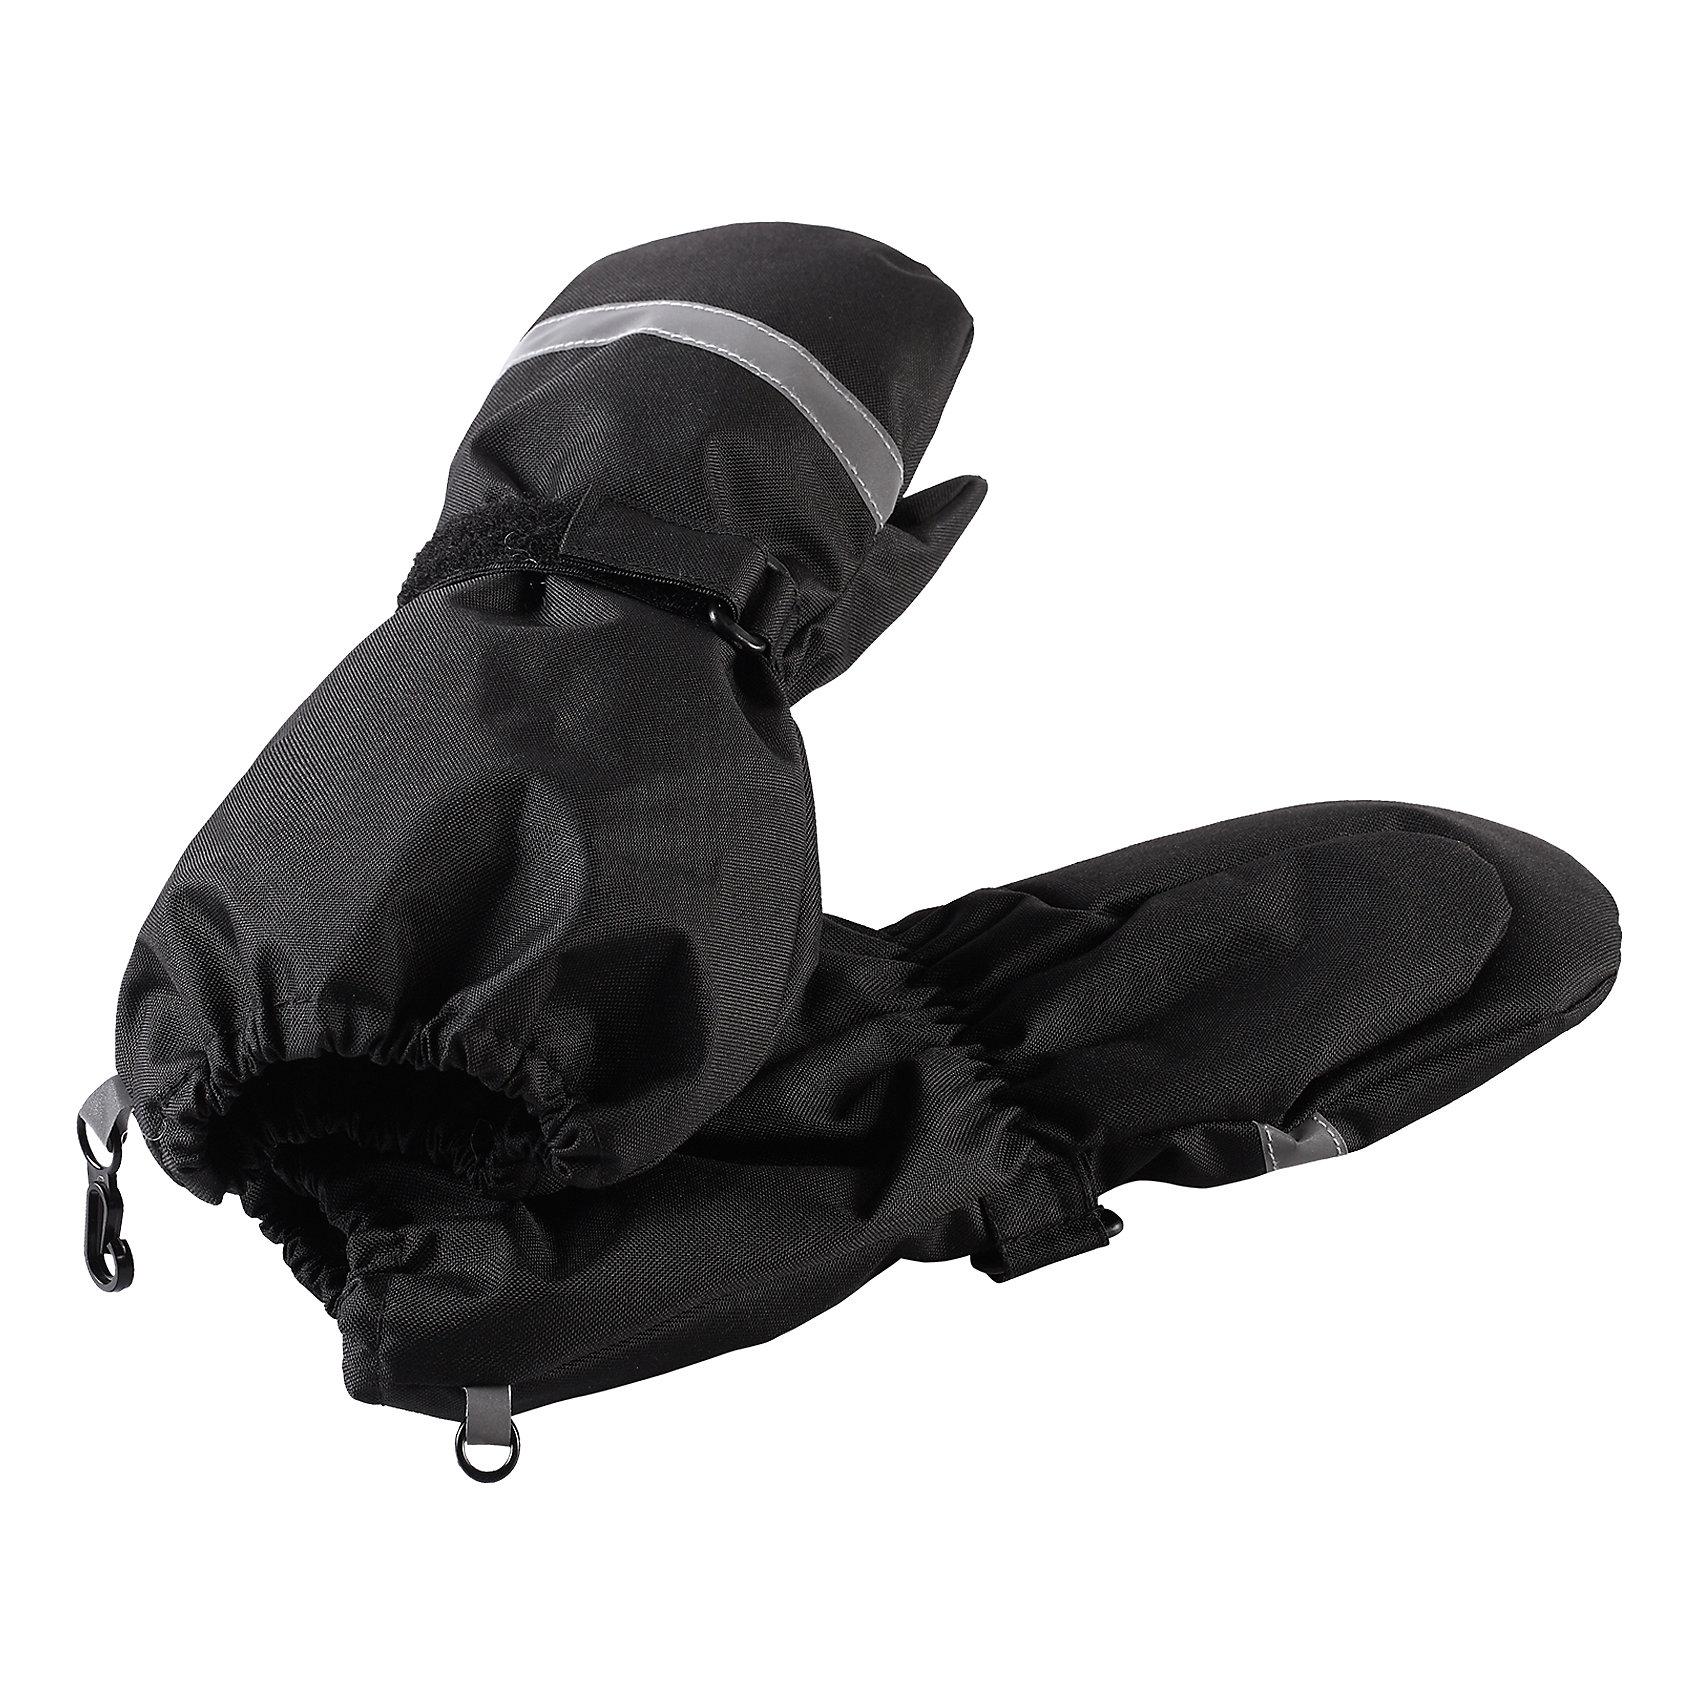 Варежки LassieПерчатки, варежки<br>Давайте слепим снеговика! Эти детские варежки усилены сверхпрочным материалом, который гарантирует отсутствие скольжения даже на ледяных поверхностях – катать в них снежки просто и весело! Нежная и мягкая на ощупь трикотажная подкладка с начесом обеспечивает дополнительное утепление. Благодаря удобной застежке на липучке они хорошо и плотно сидят на руке.<br>Состав:<br>100% Полиэстер<br><br>Ширина мм: 162<br>Глубина мм: 171<br>Высота мм: 55<br>Вес г: 119<br>Цвет: черный<br>Возраст от месяцев: 96<br>Возраст до месяцев: 120<br>Пол: Унисекс<br>Возраст: Детский<br>Размер: 6,3,4,5<br>SKU: 6928046